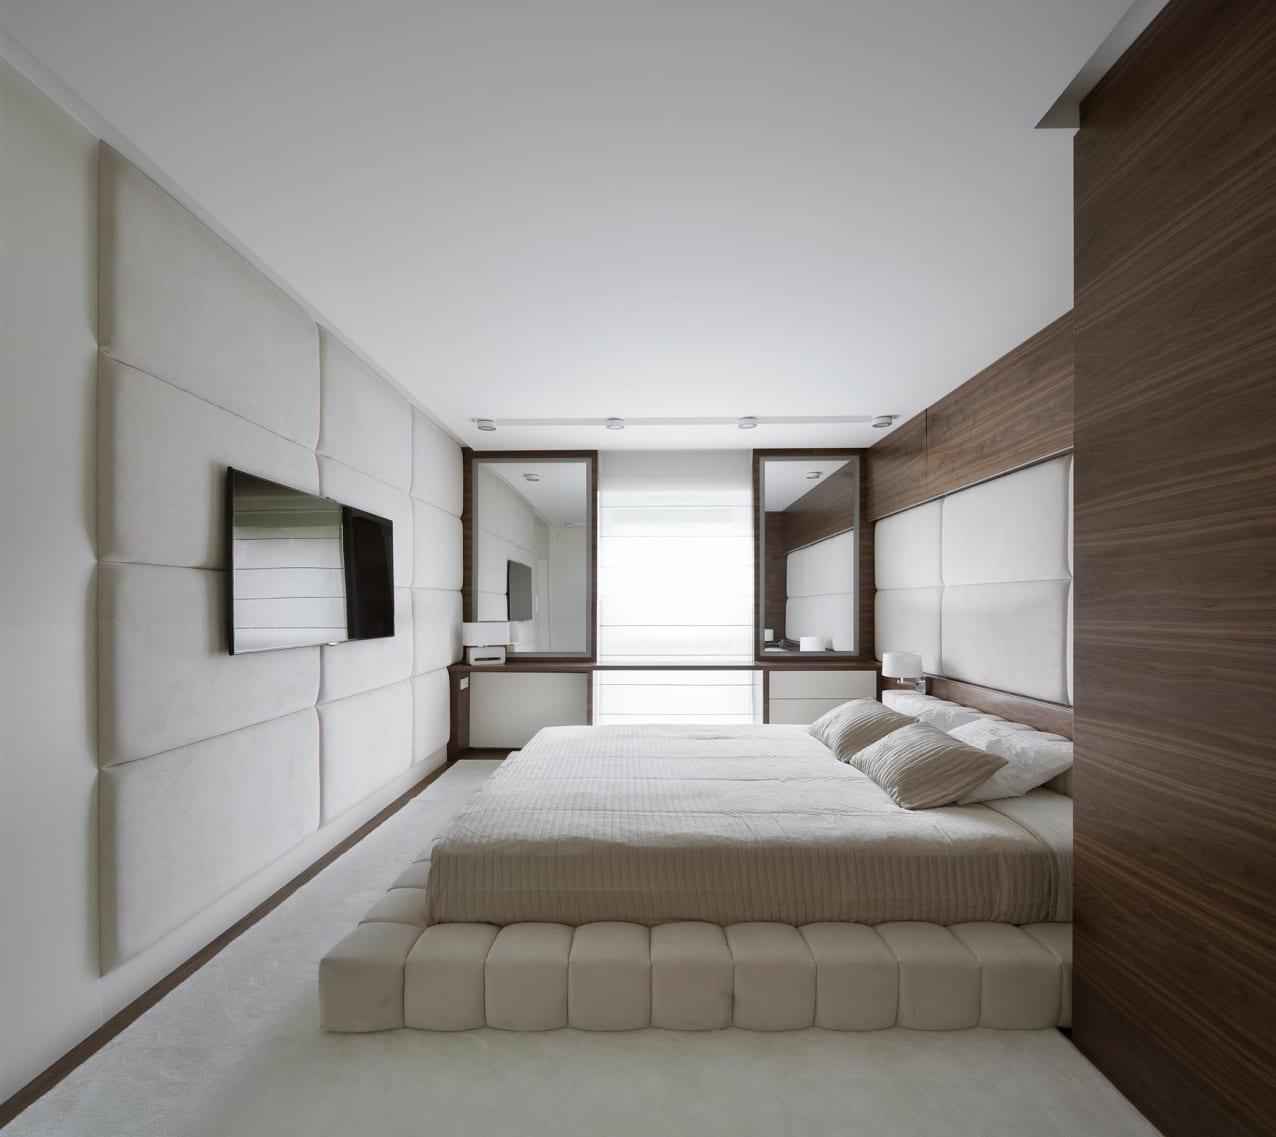 luxus schlafzimmer design in weiß und holz mit polsterwandpaneel und bettgestell weiß